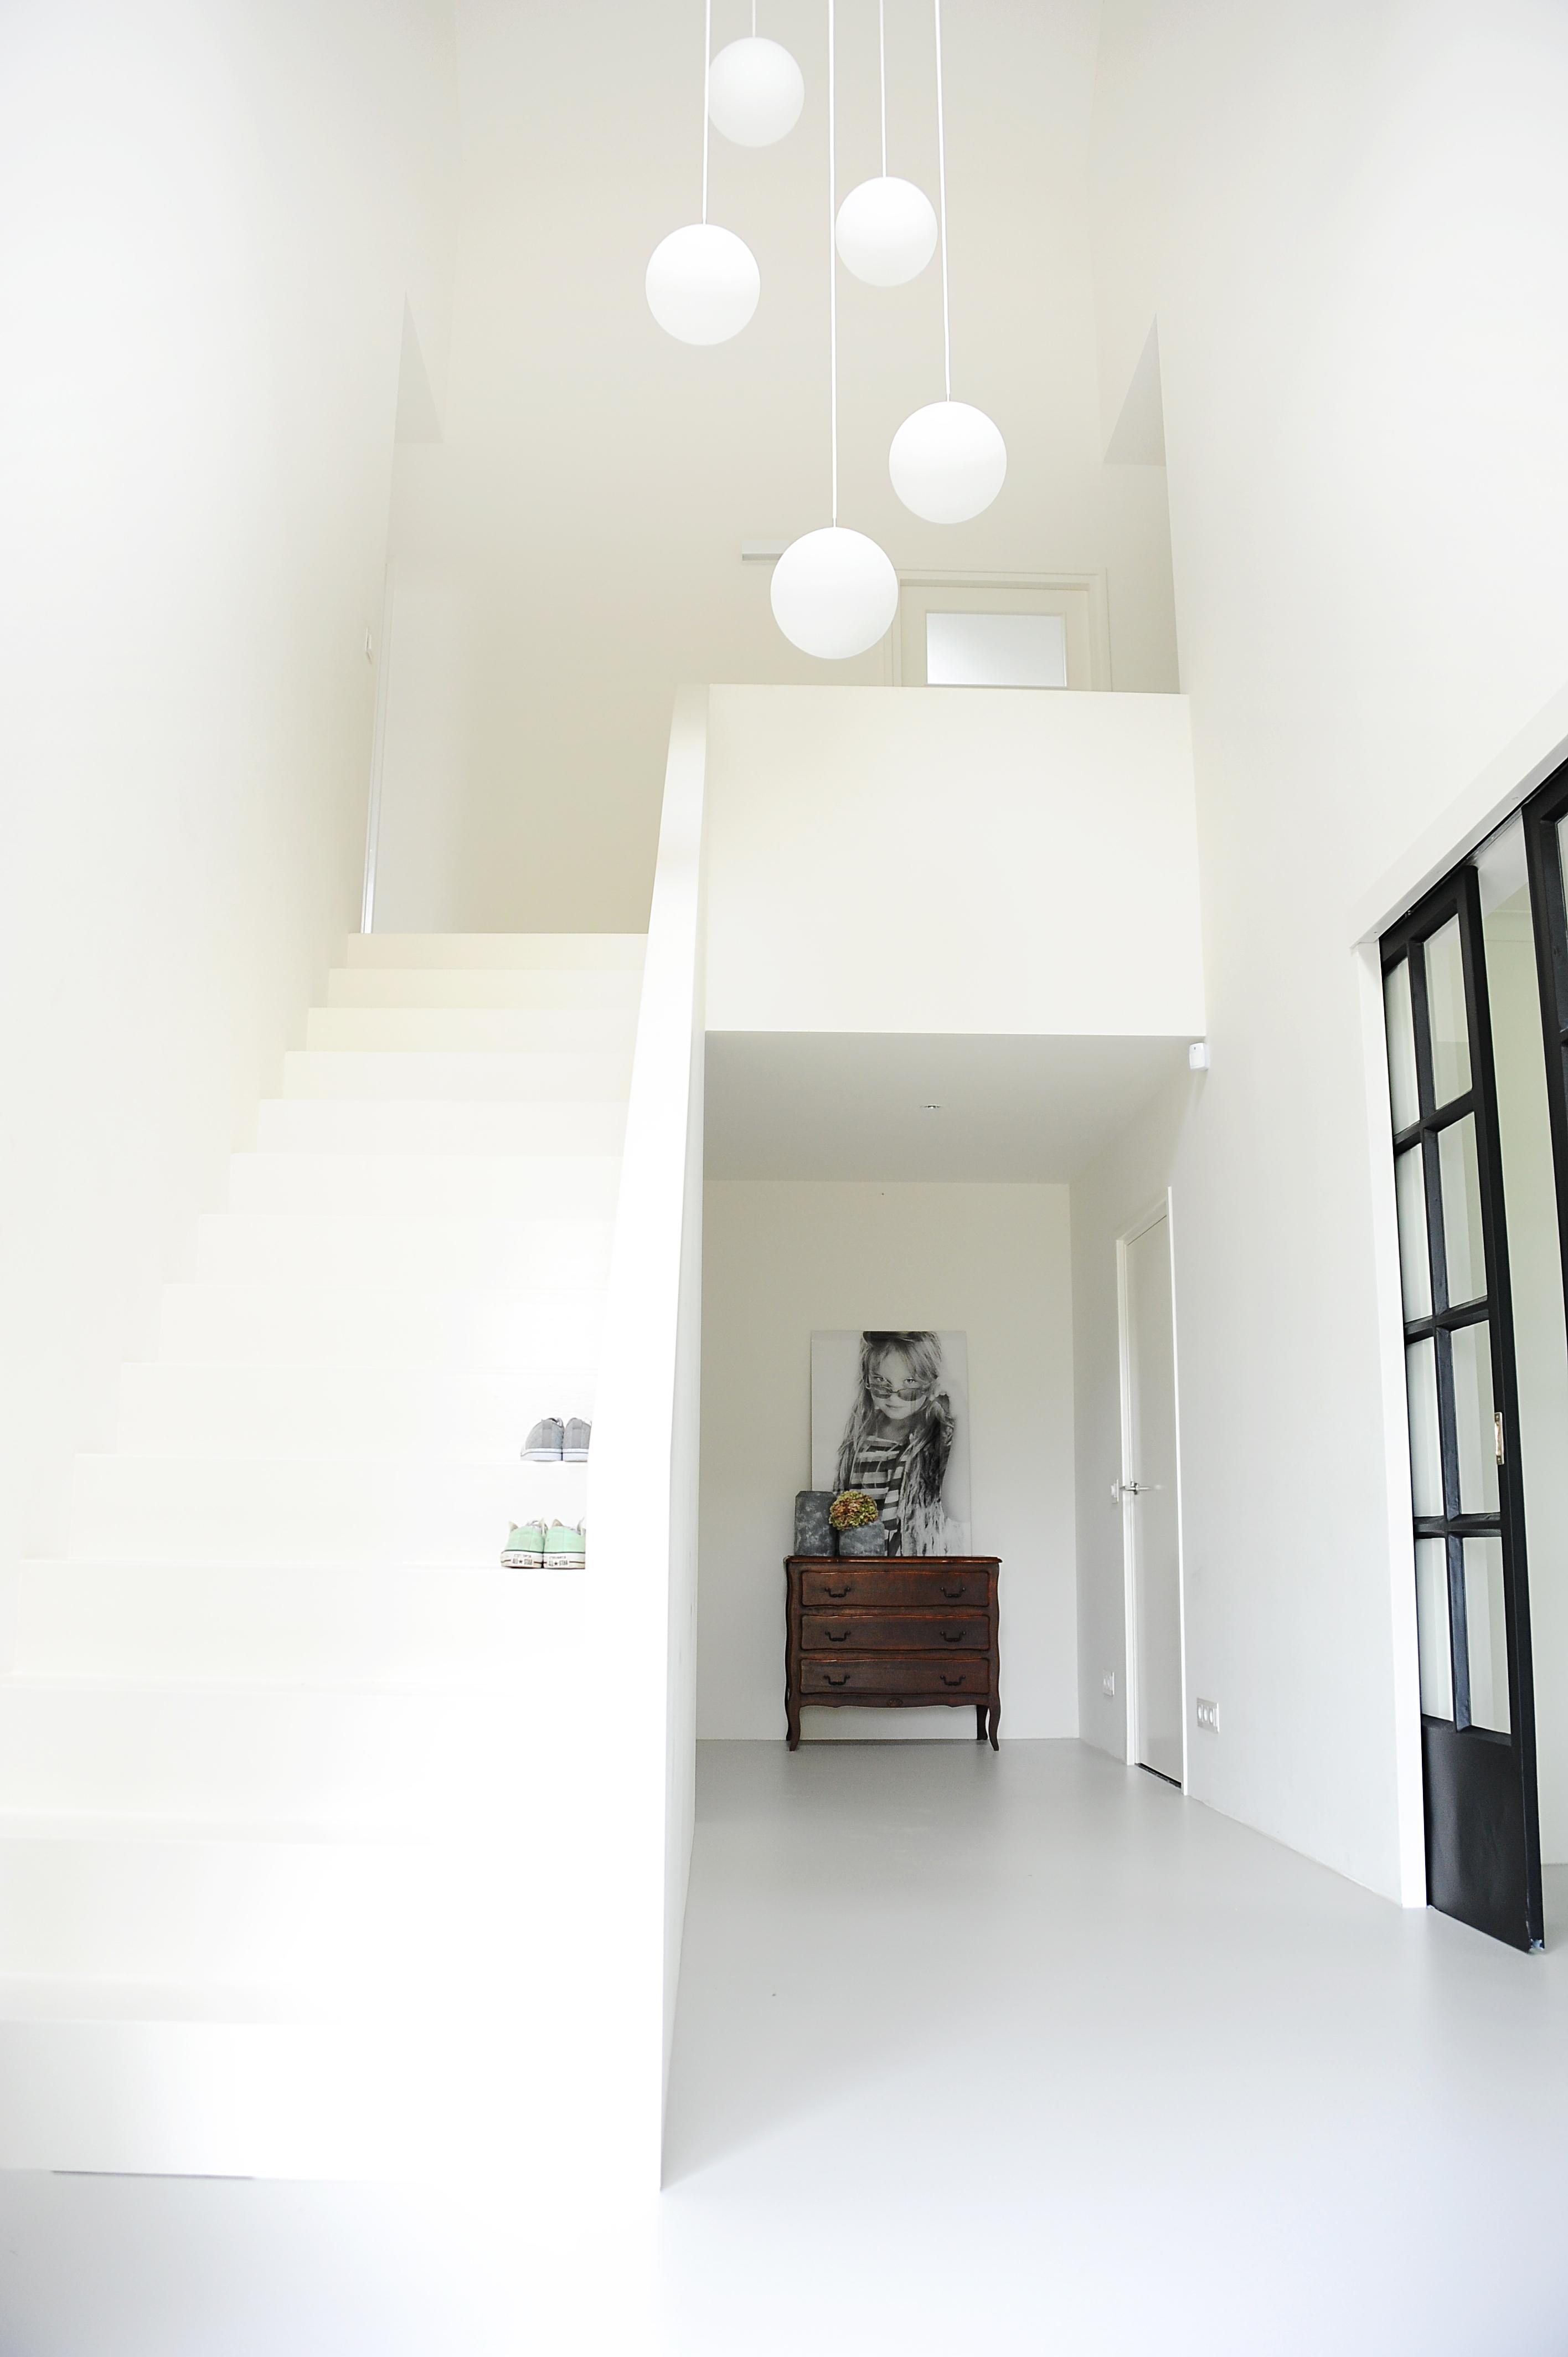 Moderne witte badkamer een kern met entree trap wc en speelkamer verbindt de woonkamer - Moderne entreehal ...